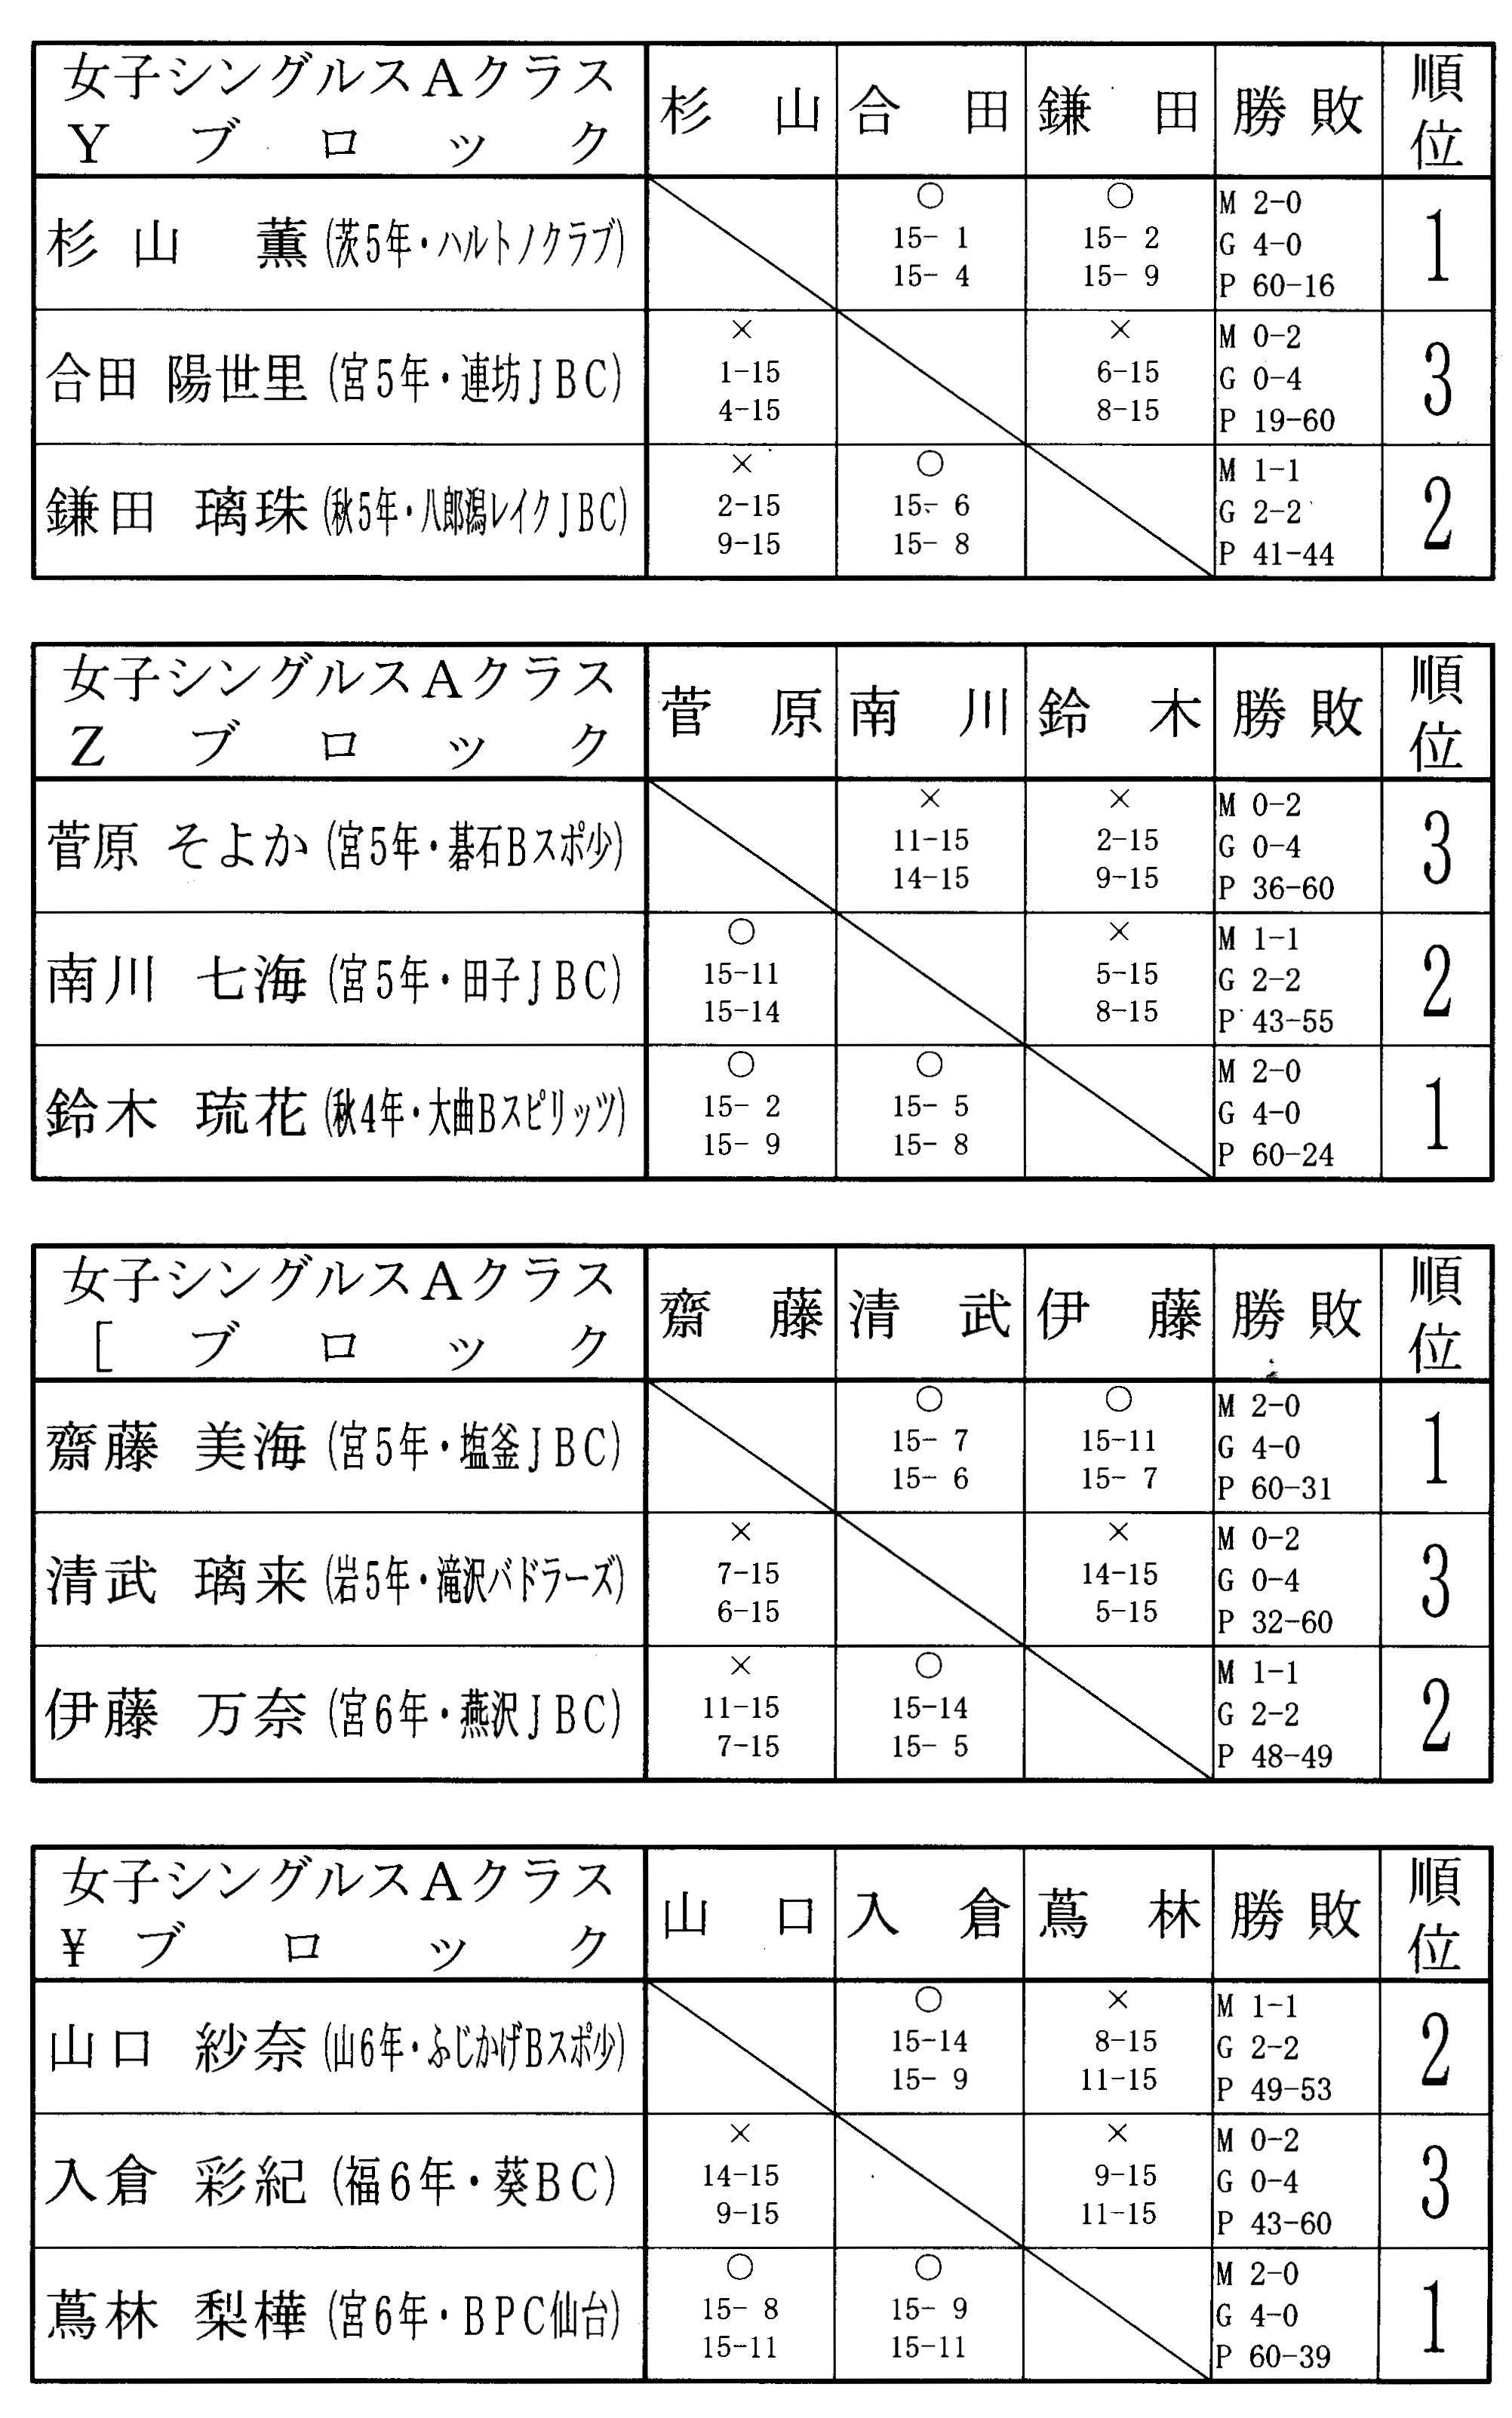 第9回タカハシ杯 結果女子シングルスAクラス_f0236646_15351719.jpg